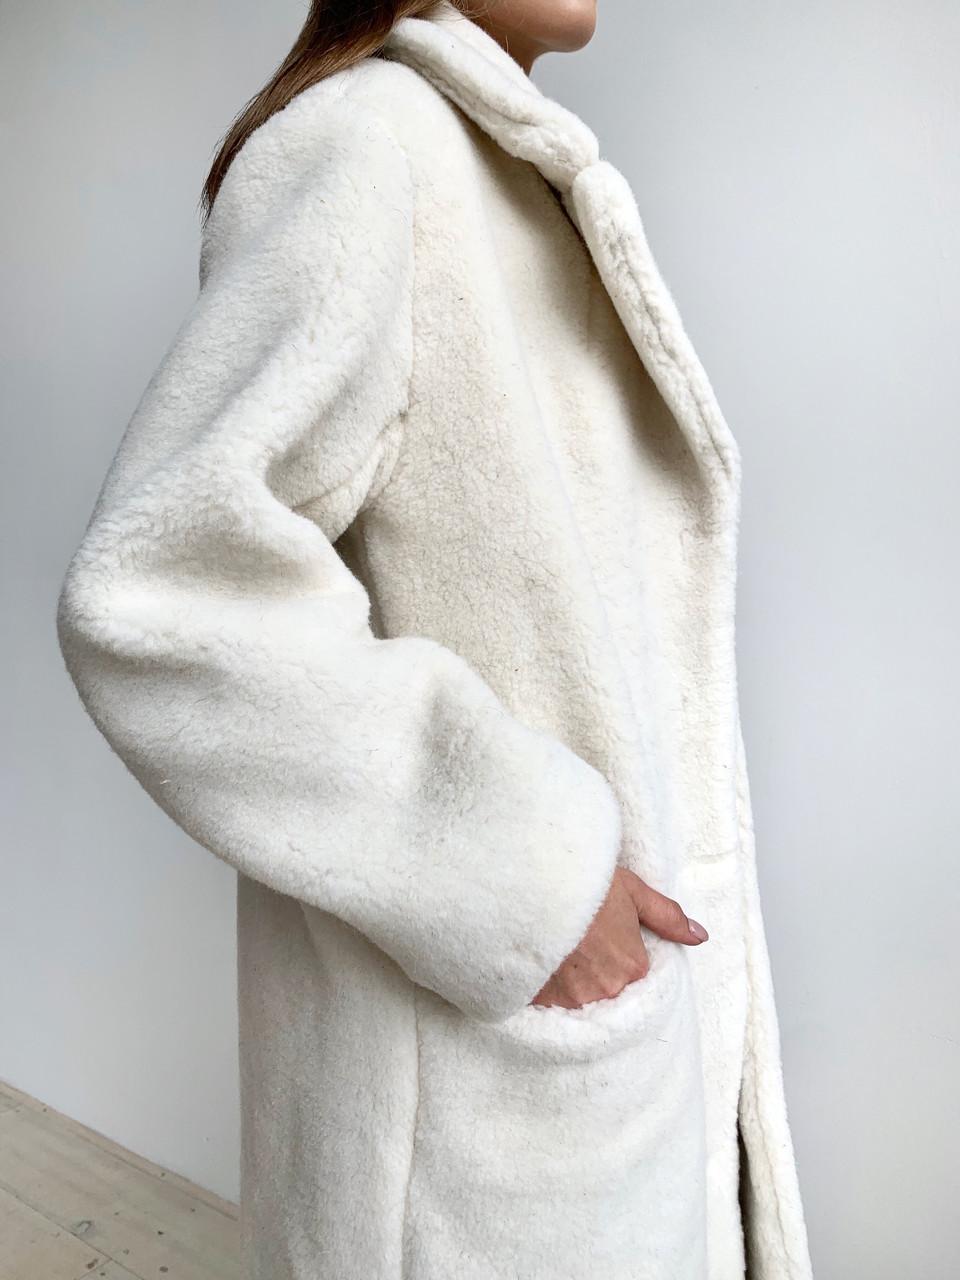 Шуба из натуральной стриженой овечьей шерсти длина 110 см, прорезные карманы, молочный цвет - фото 6